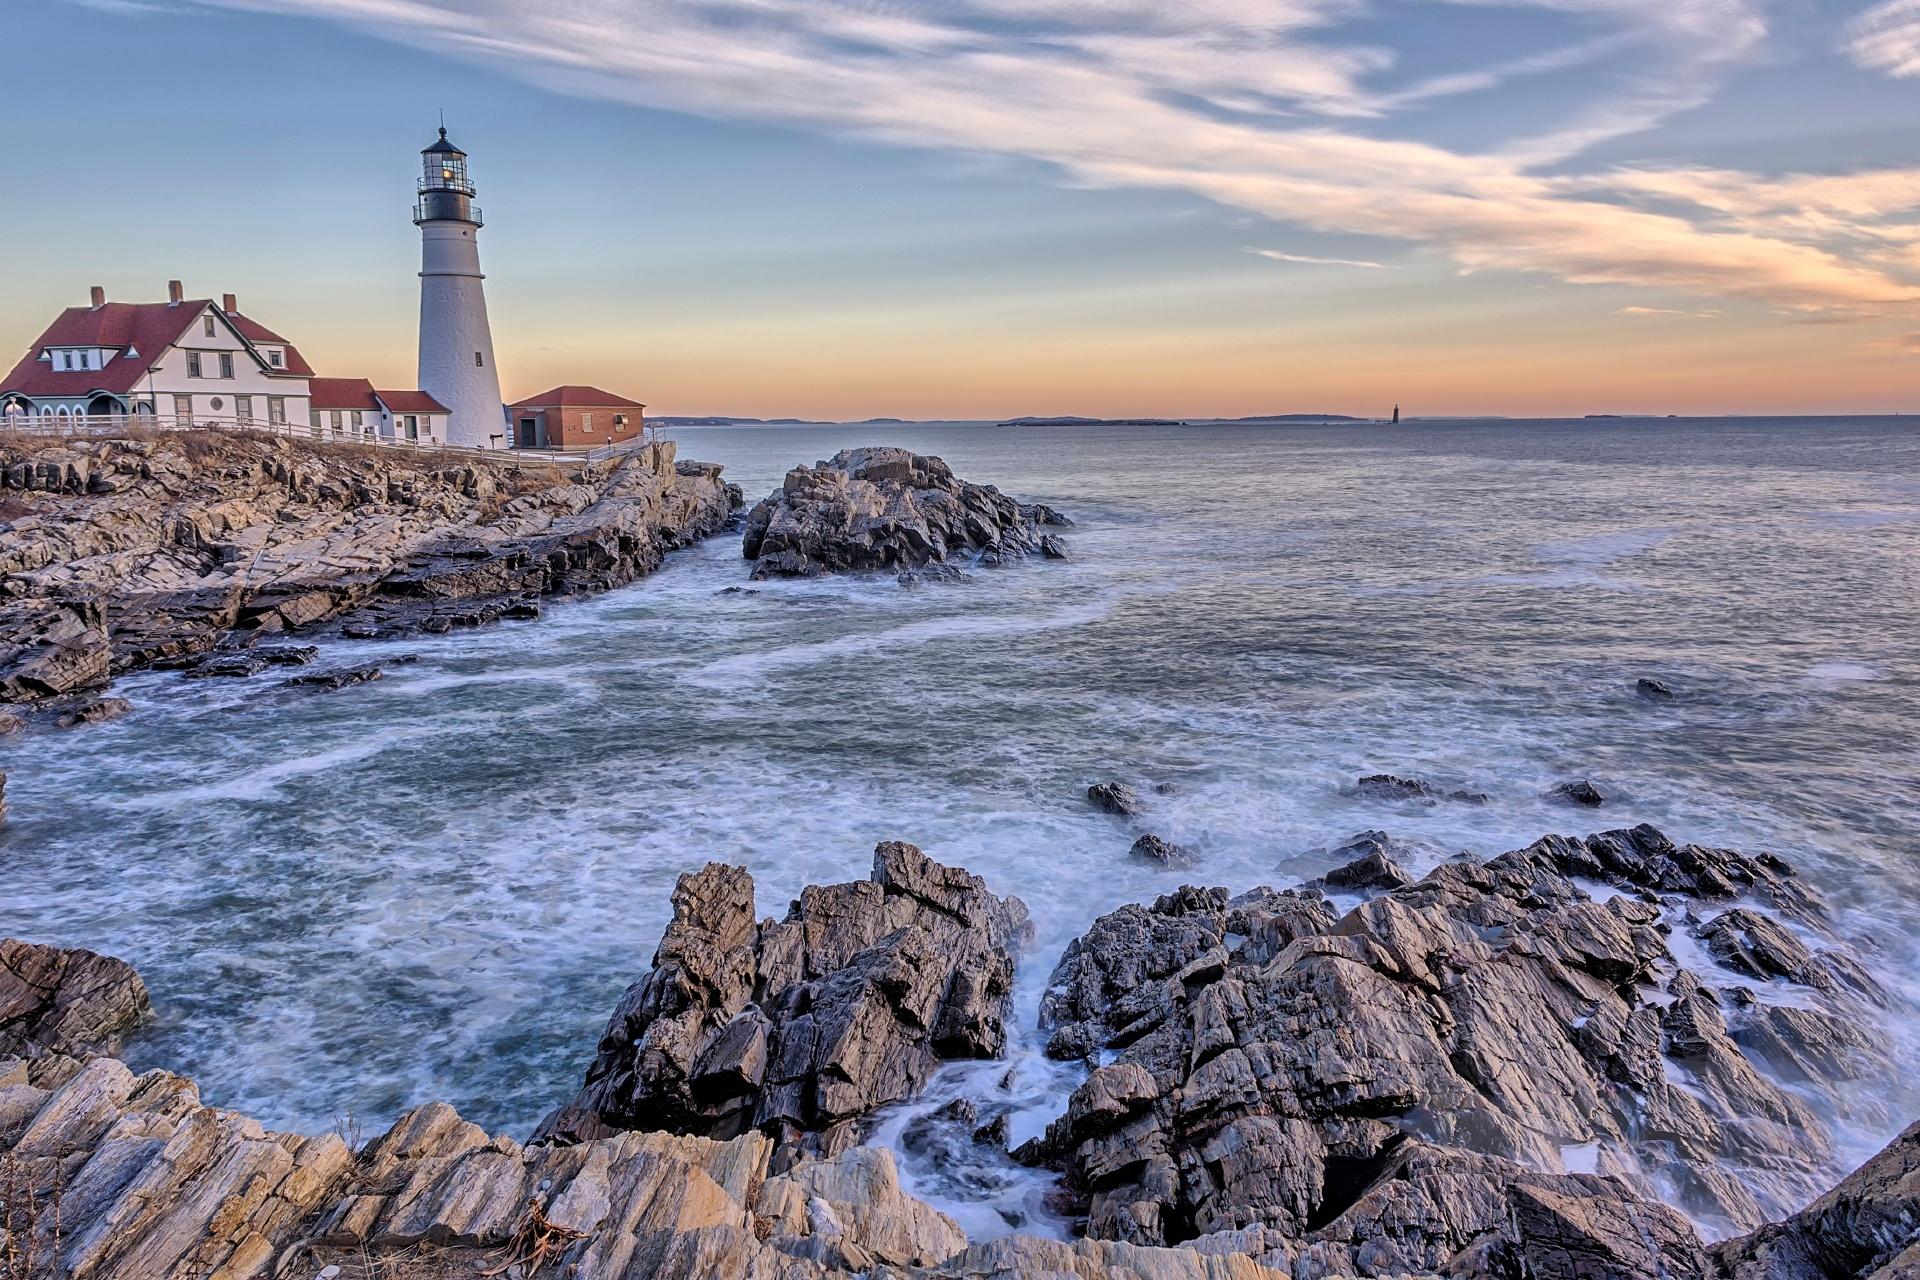 早朝のポートランド ヘッドライト灯台 アメリカの風景